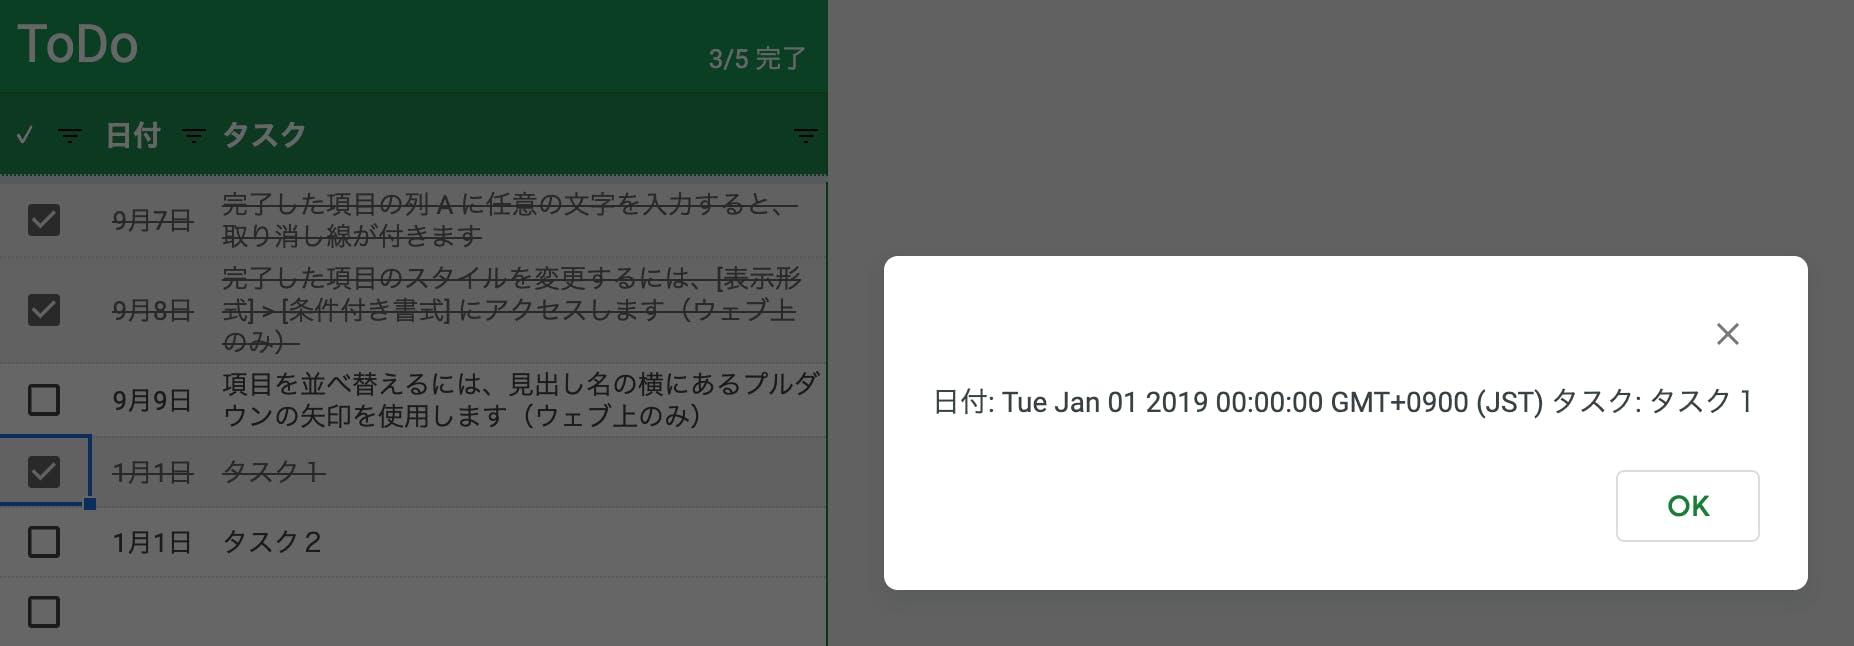 スクリーンショット 2019-06-17 11.36.03.png